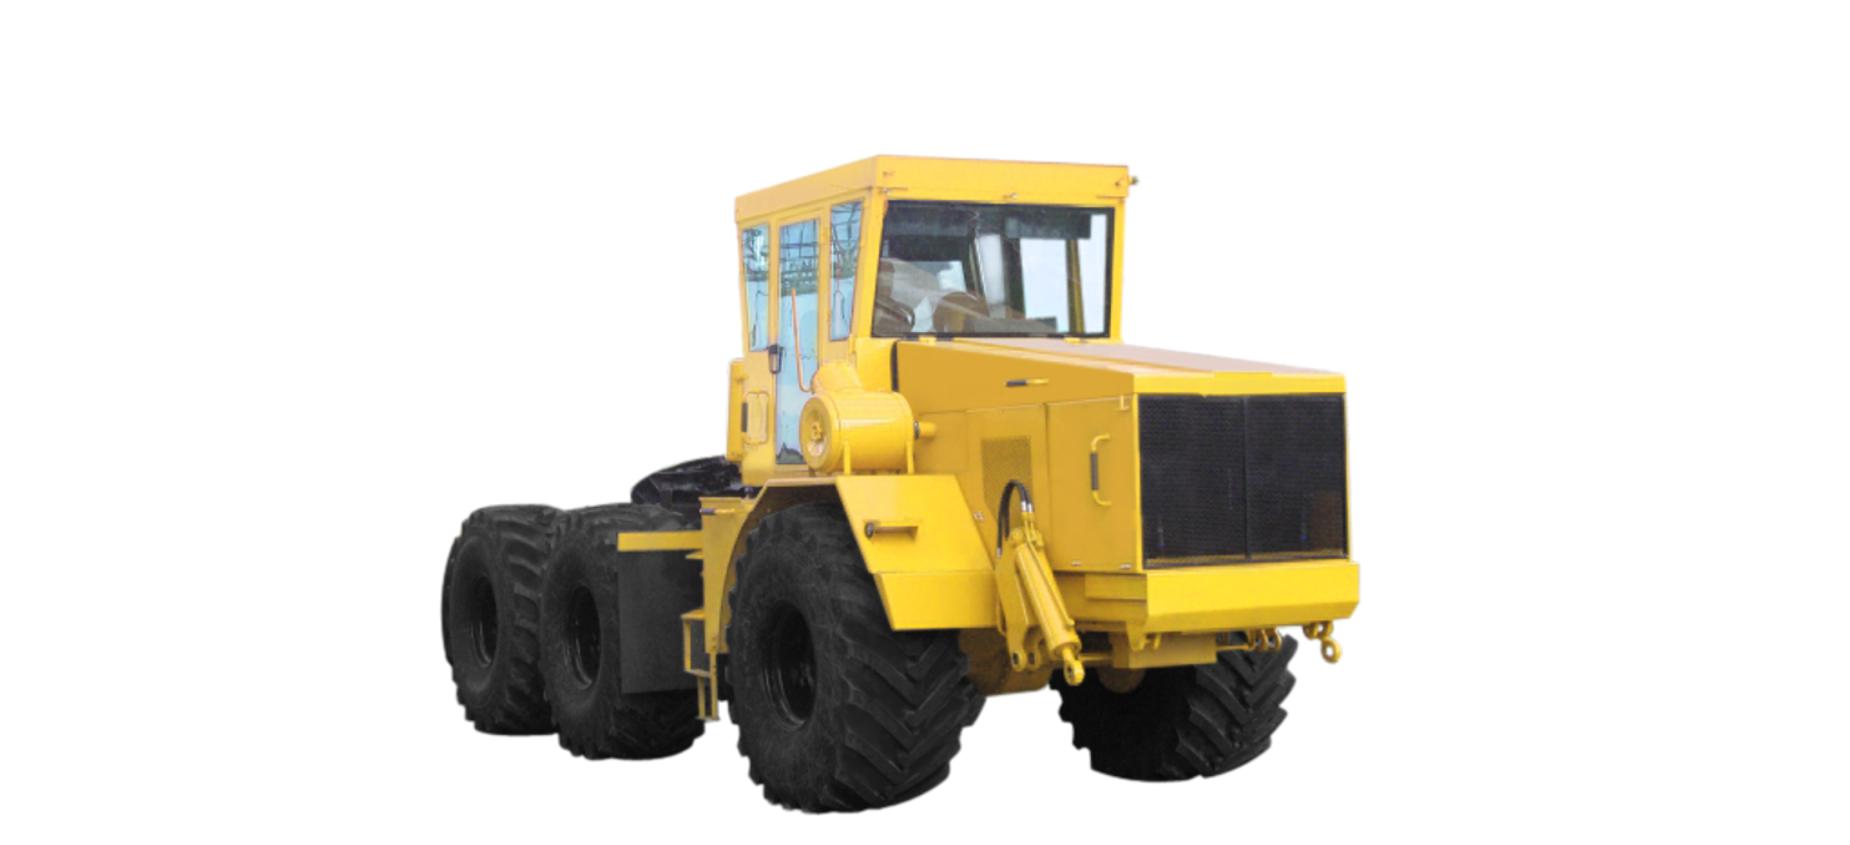 Купить Кондиционеры для тракторов «Кировец» в Казахстане, Костанай